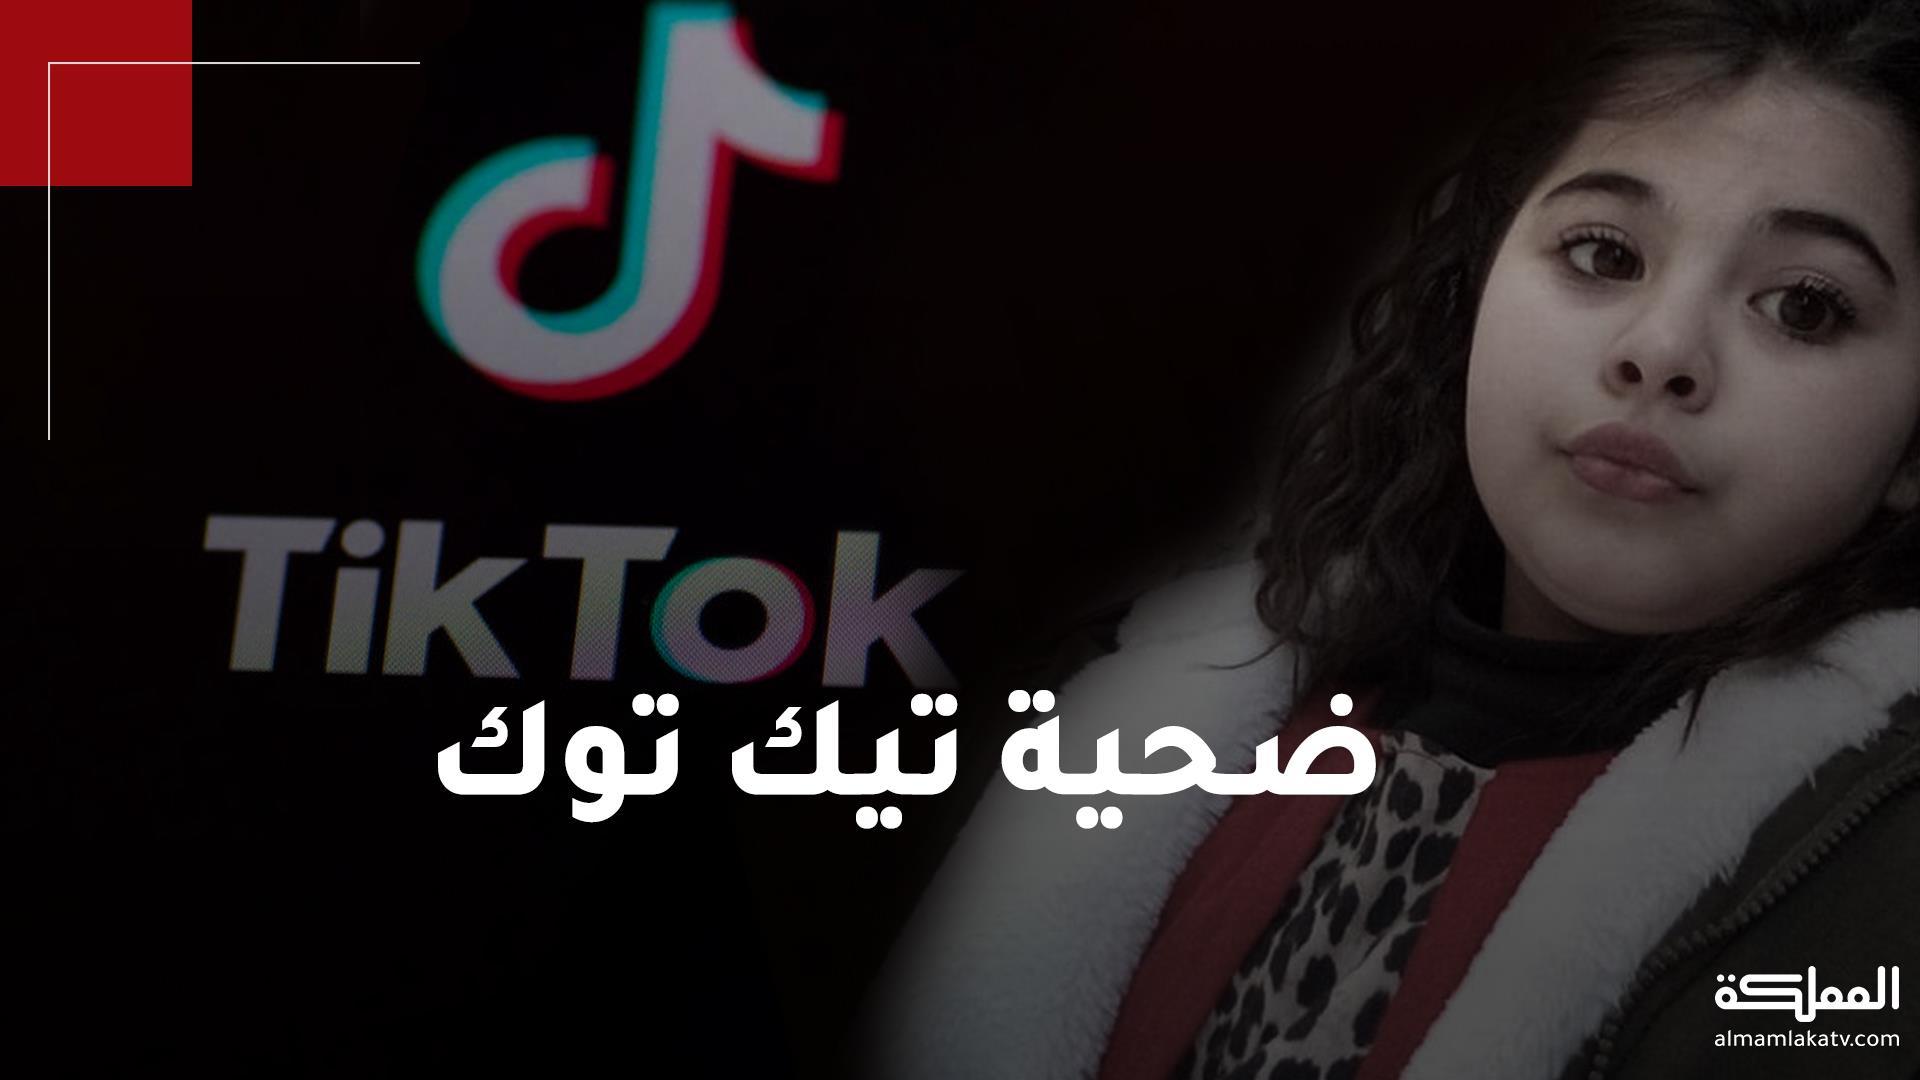 انتحار طفلة بسبب تحديات تيك توك